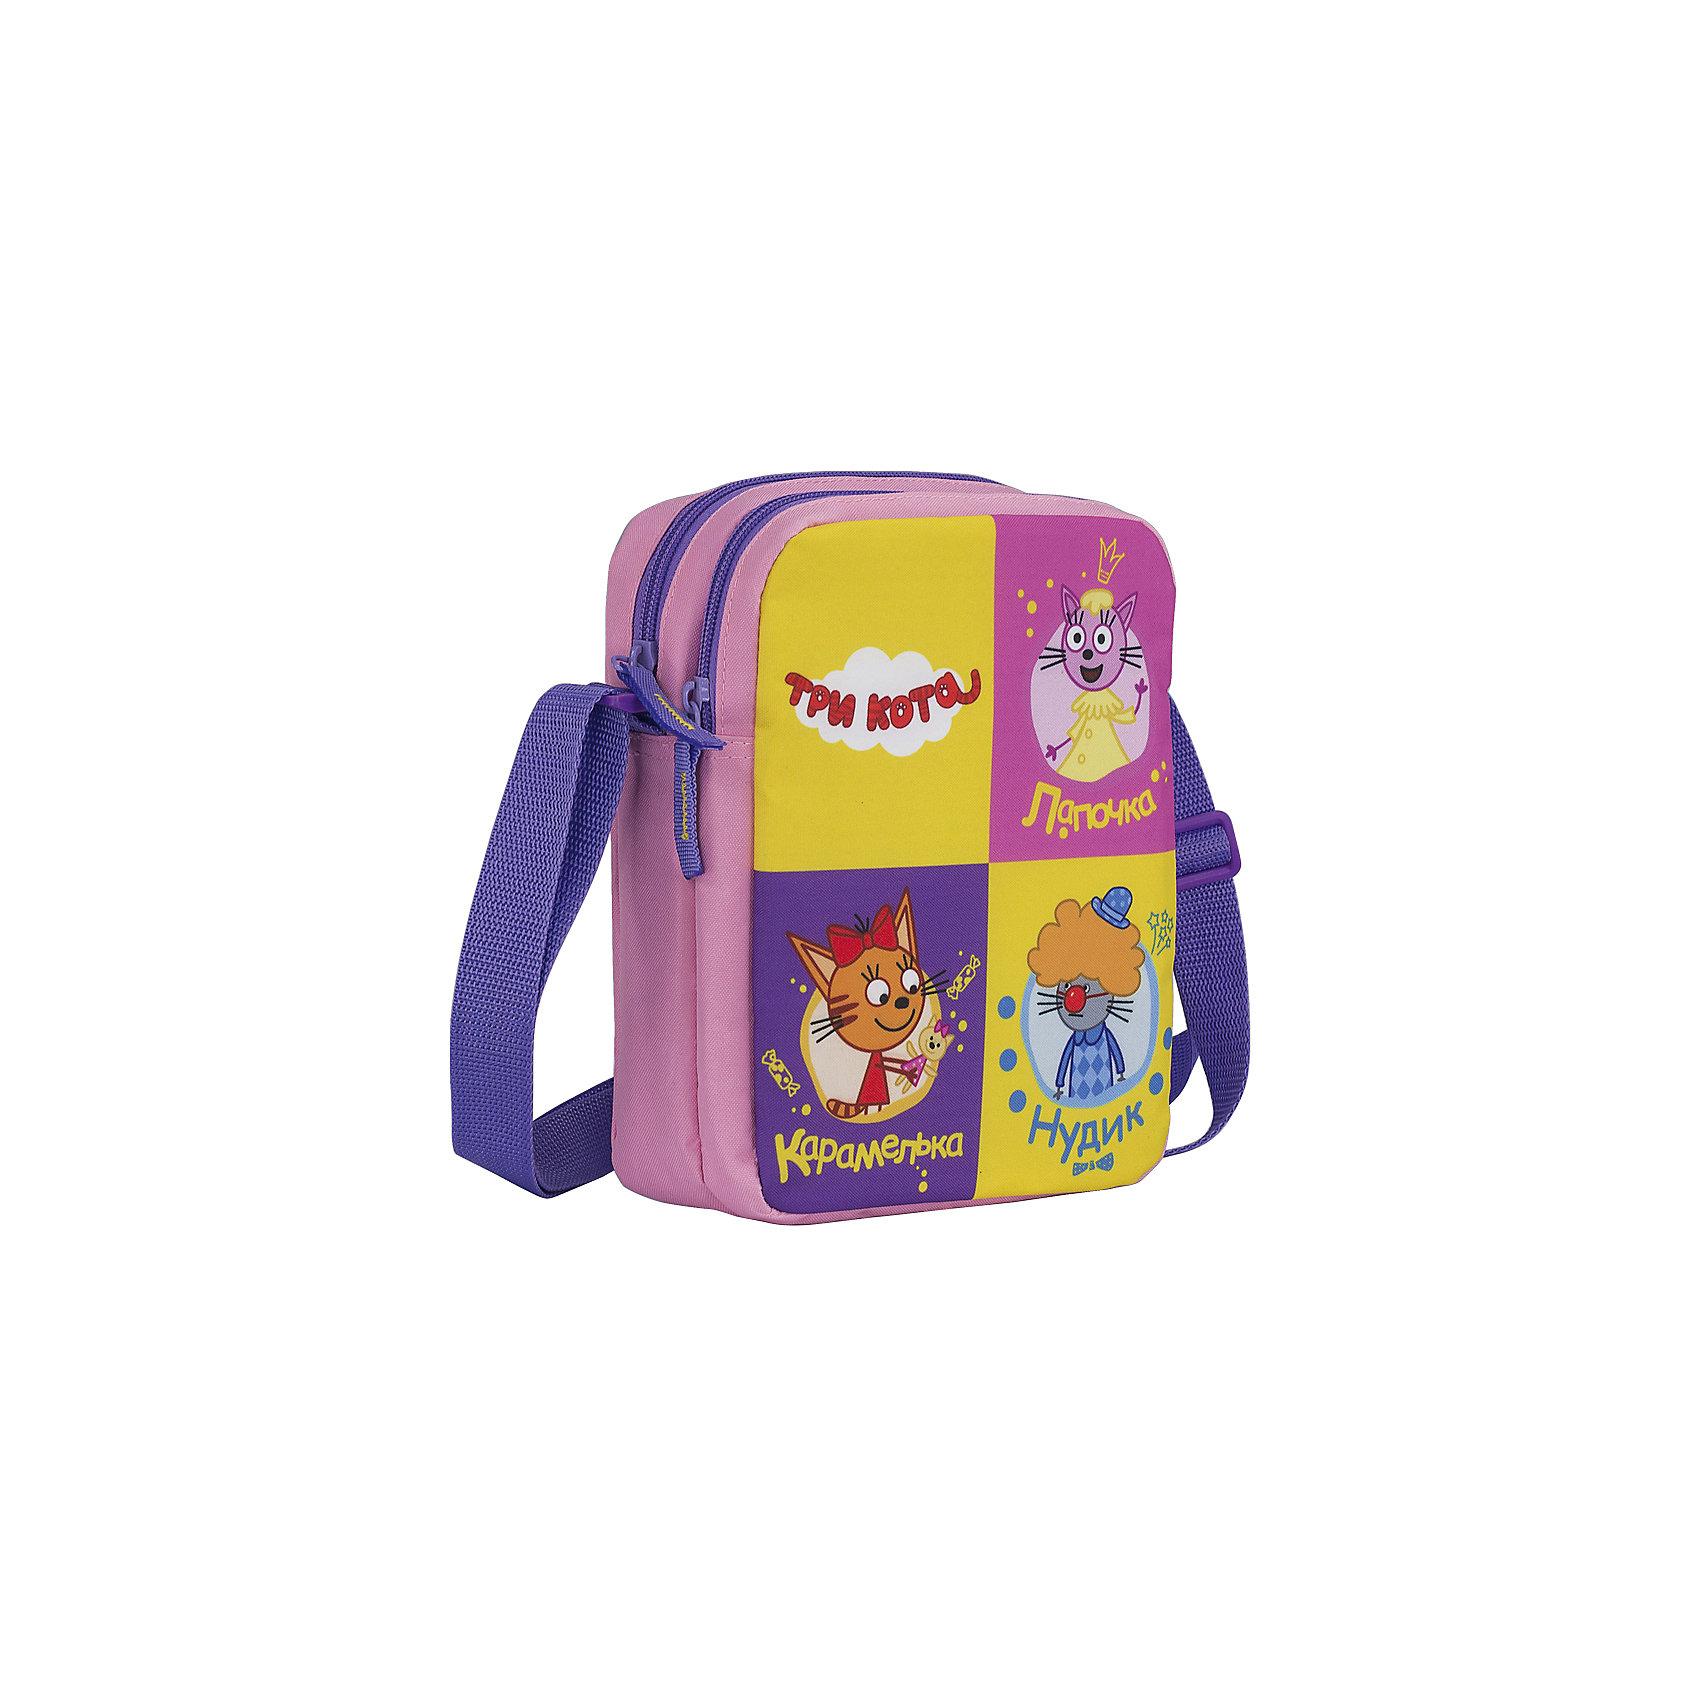 Сумка детская Kinderline Три котаДетские сумки<br>Сумка. Малая, с плечевым ремнем. Состоит из одного вместительного отделения на молнии. Плечевой ремень свободно регулируется по длине. Обеспечивая комфорт при ношении. Компактная и функциональная сумка будет незаменима на прогулке или в путешествии. Размер 22 х 18 х 7 см.<br><br>Ширина мм: 220<br>Глубина мм: 180<br>Высота мм: 70<br>Вес г: 128<br>Возраст от месяцев: 36<br>Возраст до месяцев: 2147483647<br>Пол: Унисекс<br>Возраст: Детский<br>SKU: 6892447